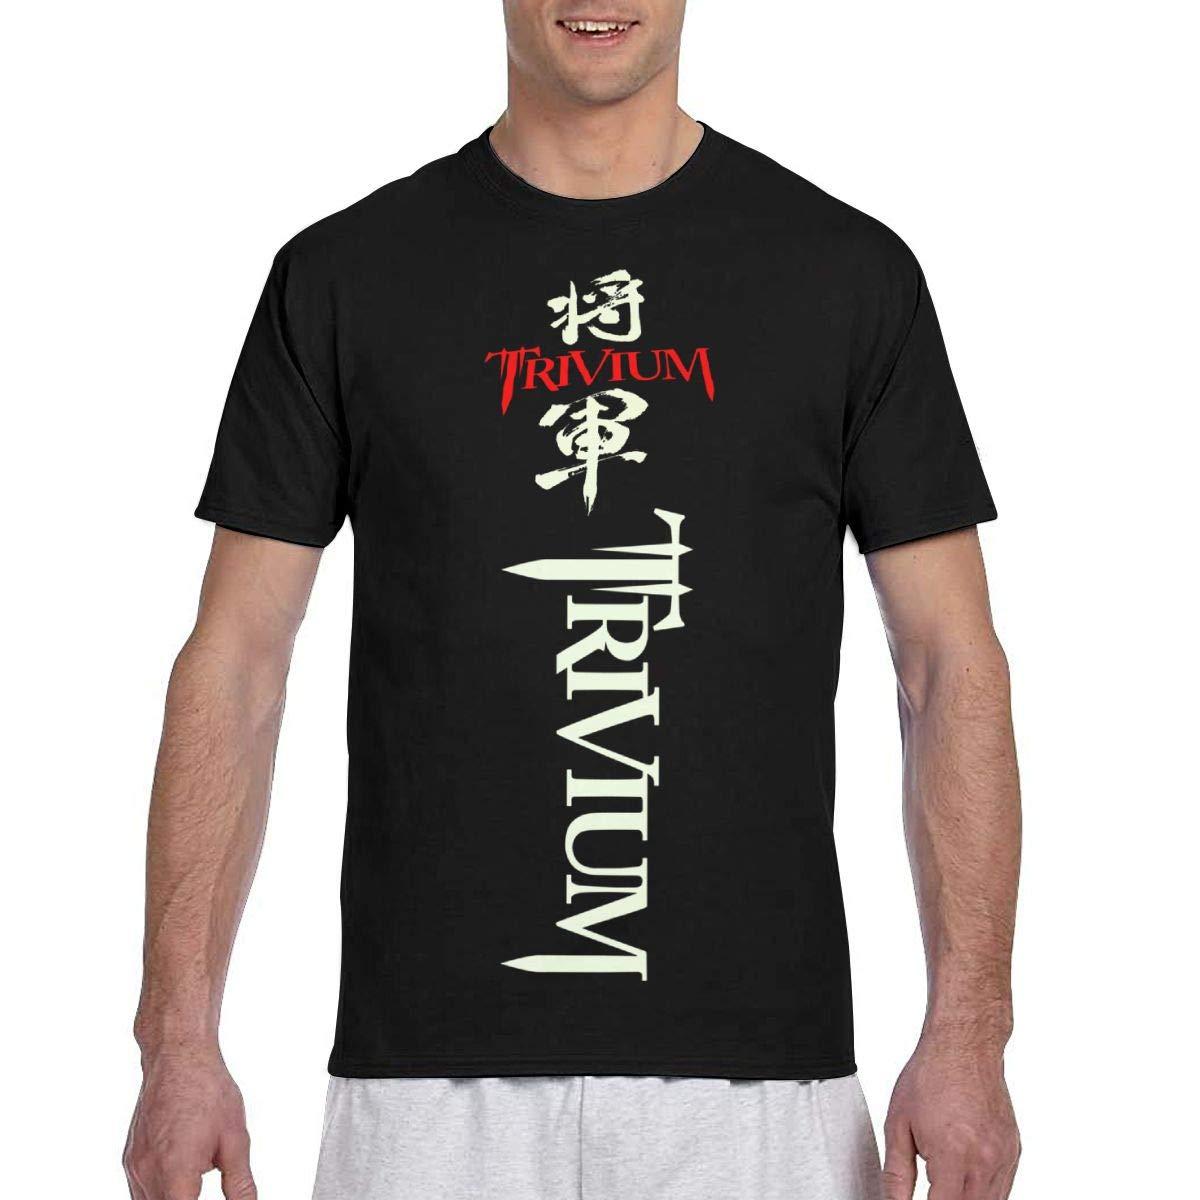 Rebecca-p S Funny Trivium Tshirt Black